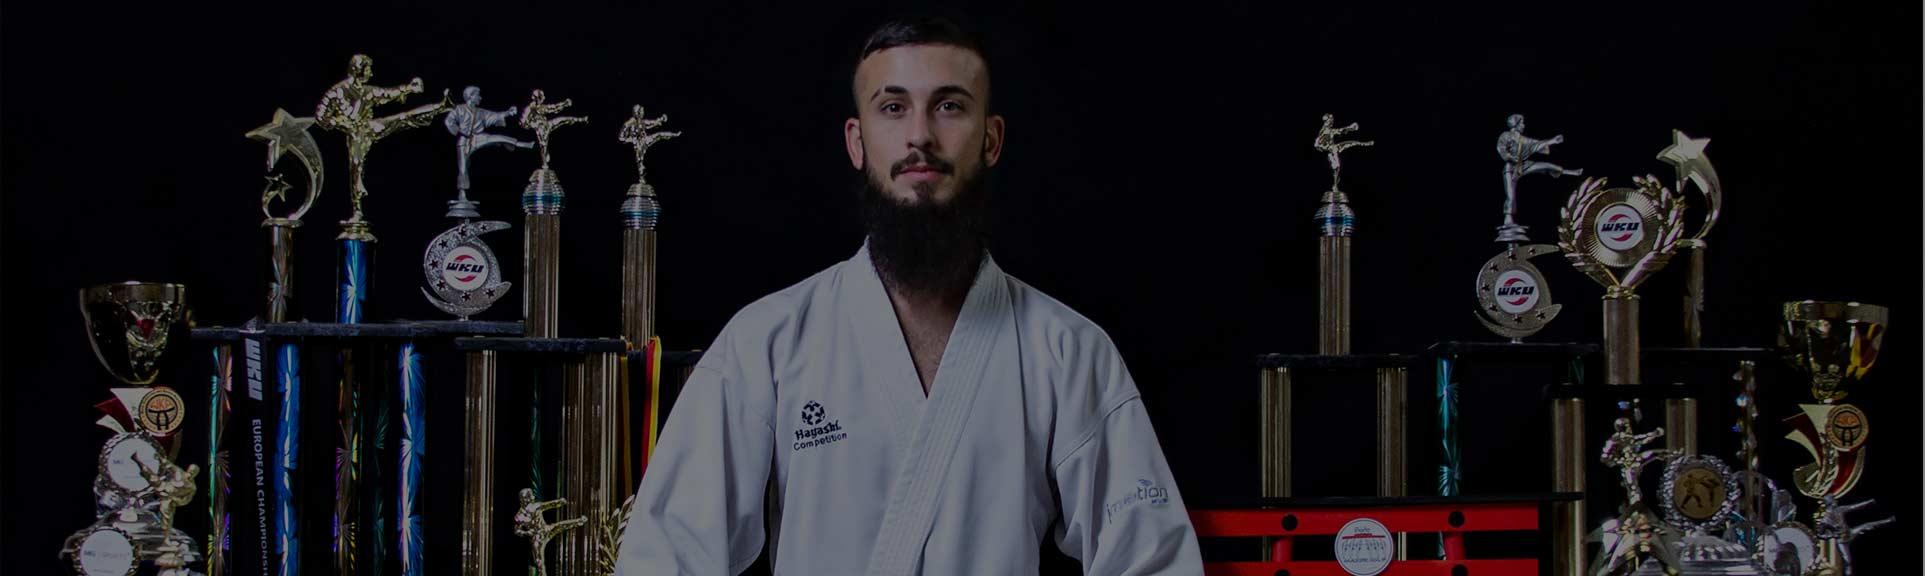 Karate Weltmeister Nikolai Pourraki